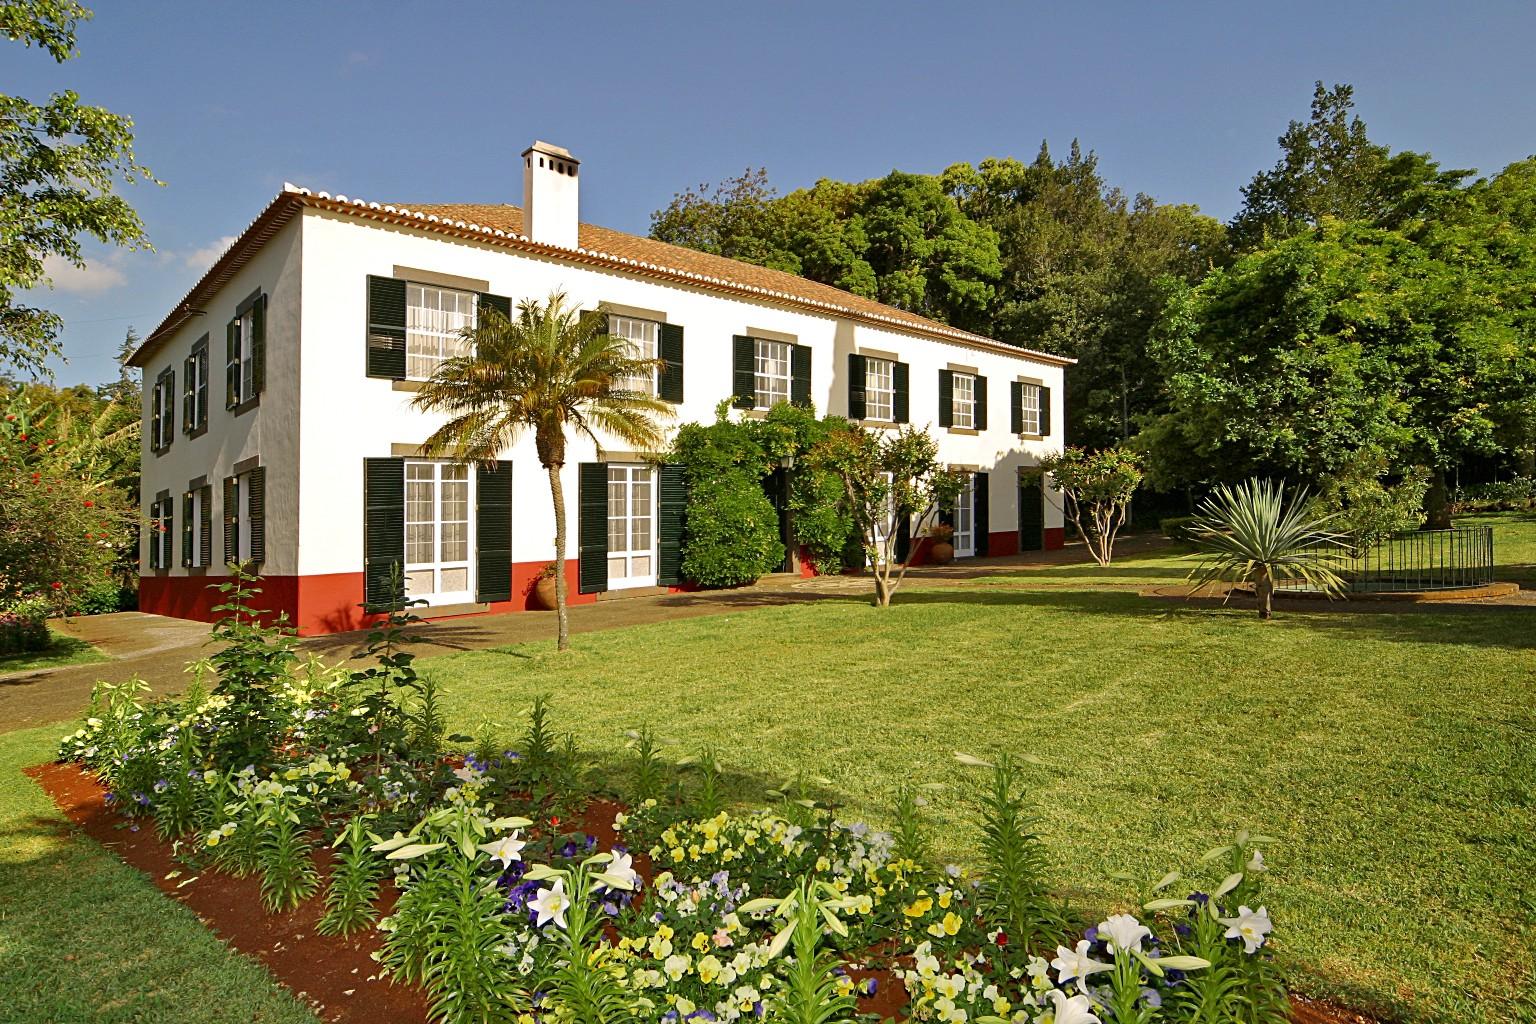 Quintas de madeira gu a isla madeira portugal for Jardines de casas quintas